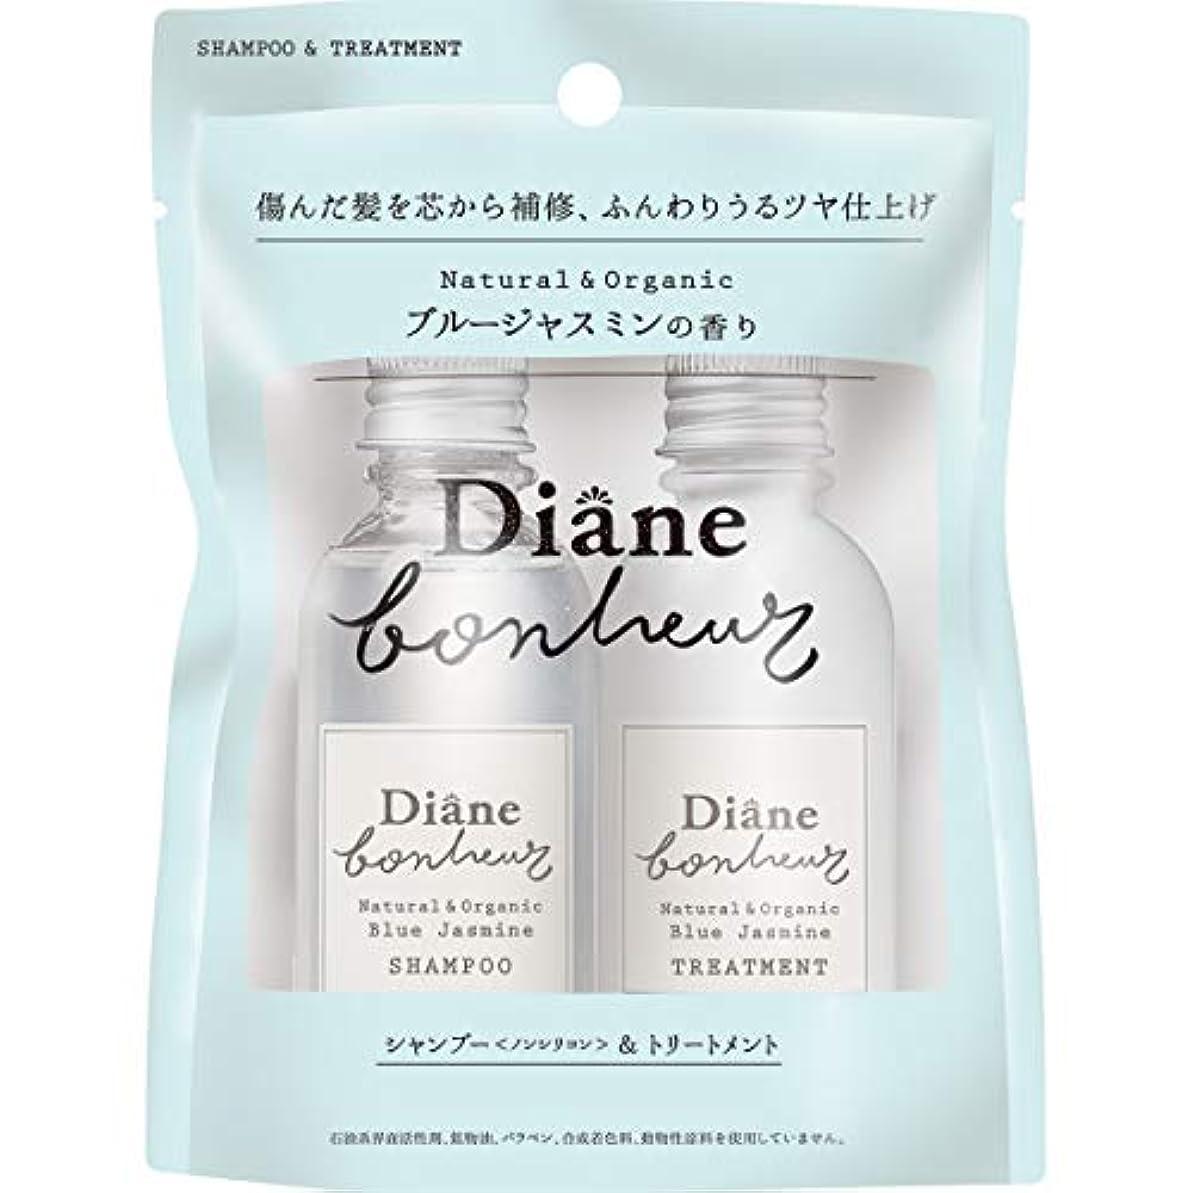 熱狂的な足首うなずくダイアン ボヌール ブルージャスミンの香り シャンプー&トリートメント トライアル ダメージリペア&シャイン 40ml×2